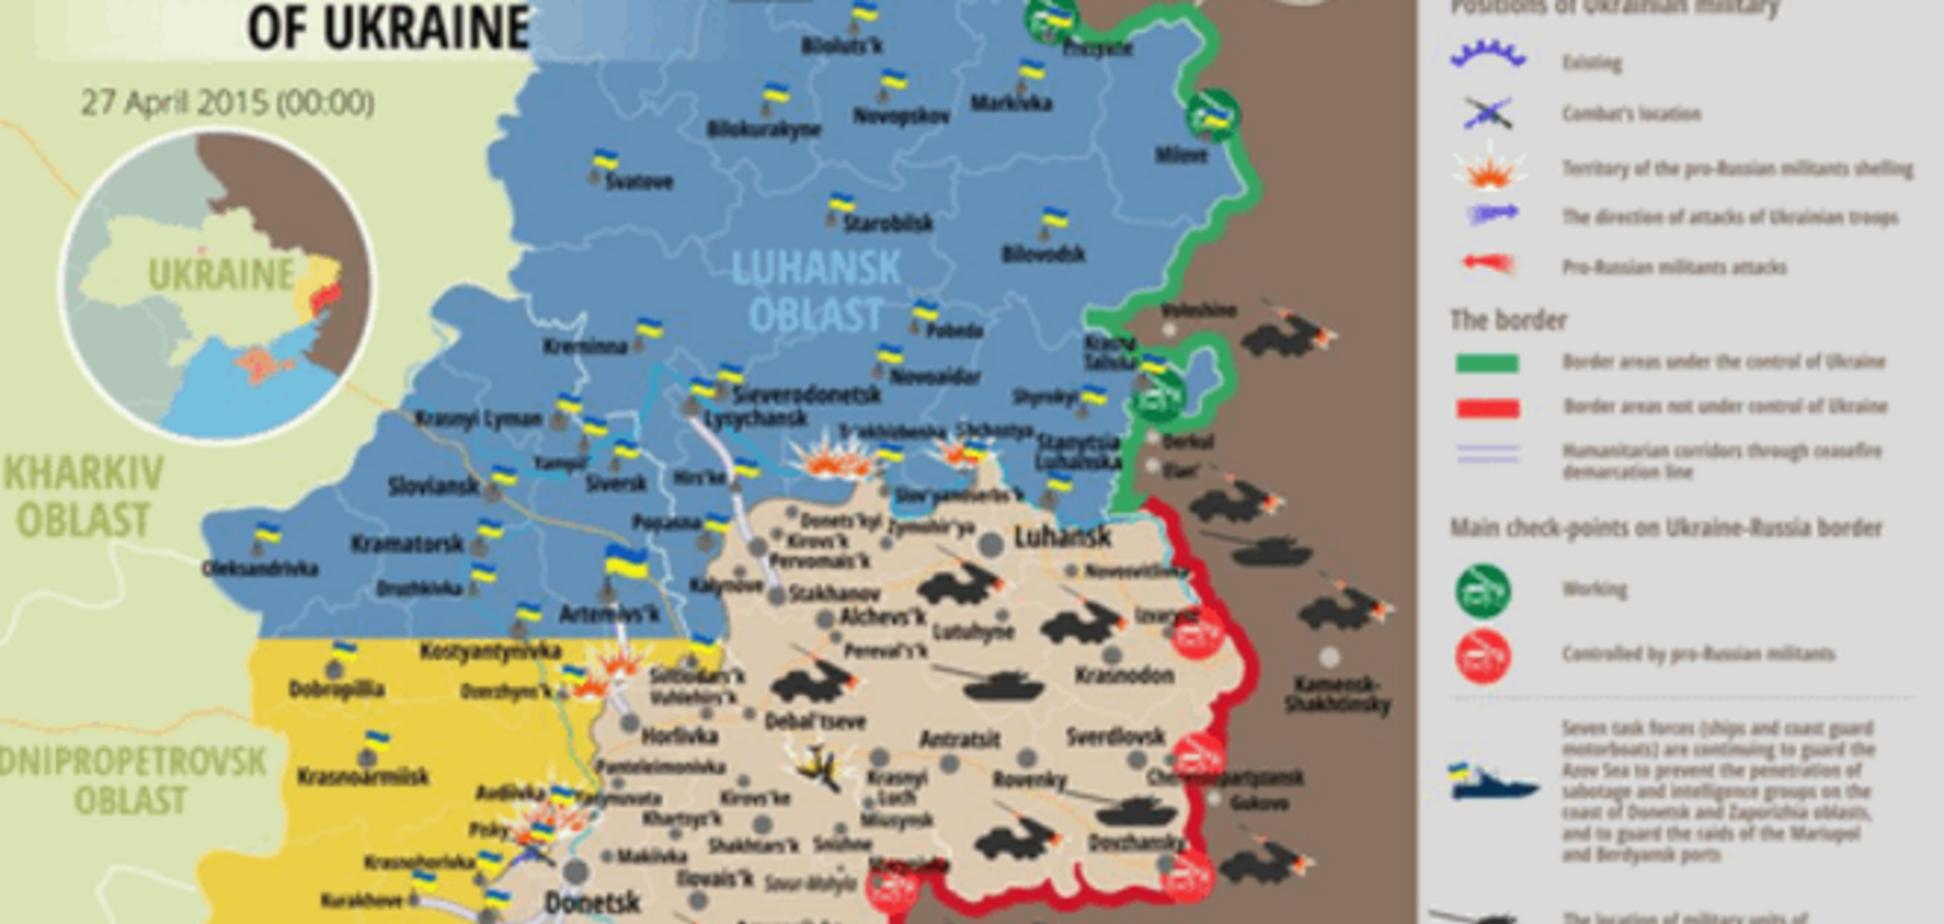 Терористи збільшили кількість обстрілів: мапа АТО